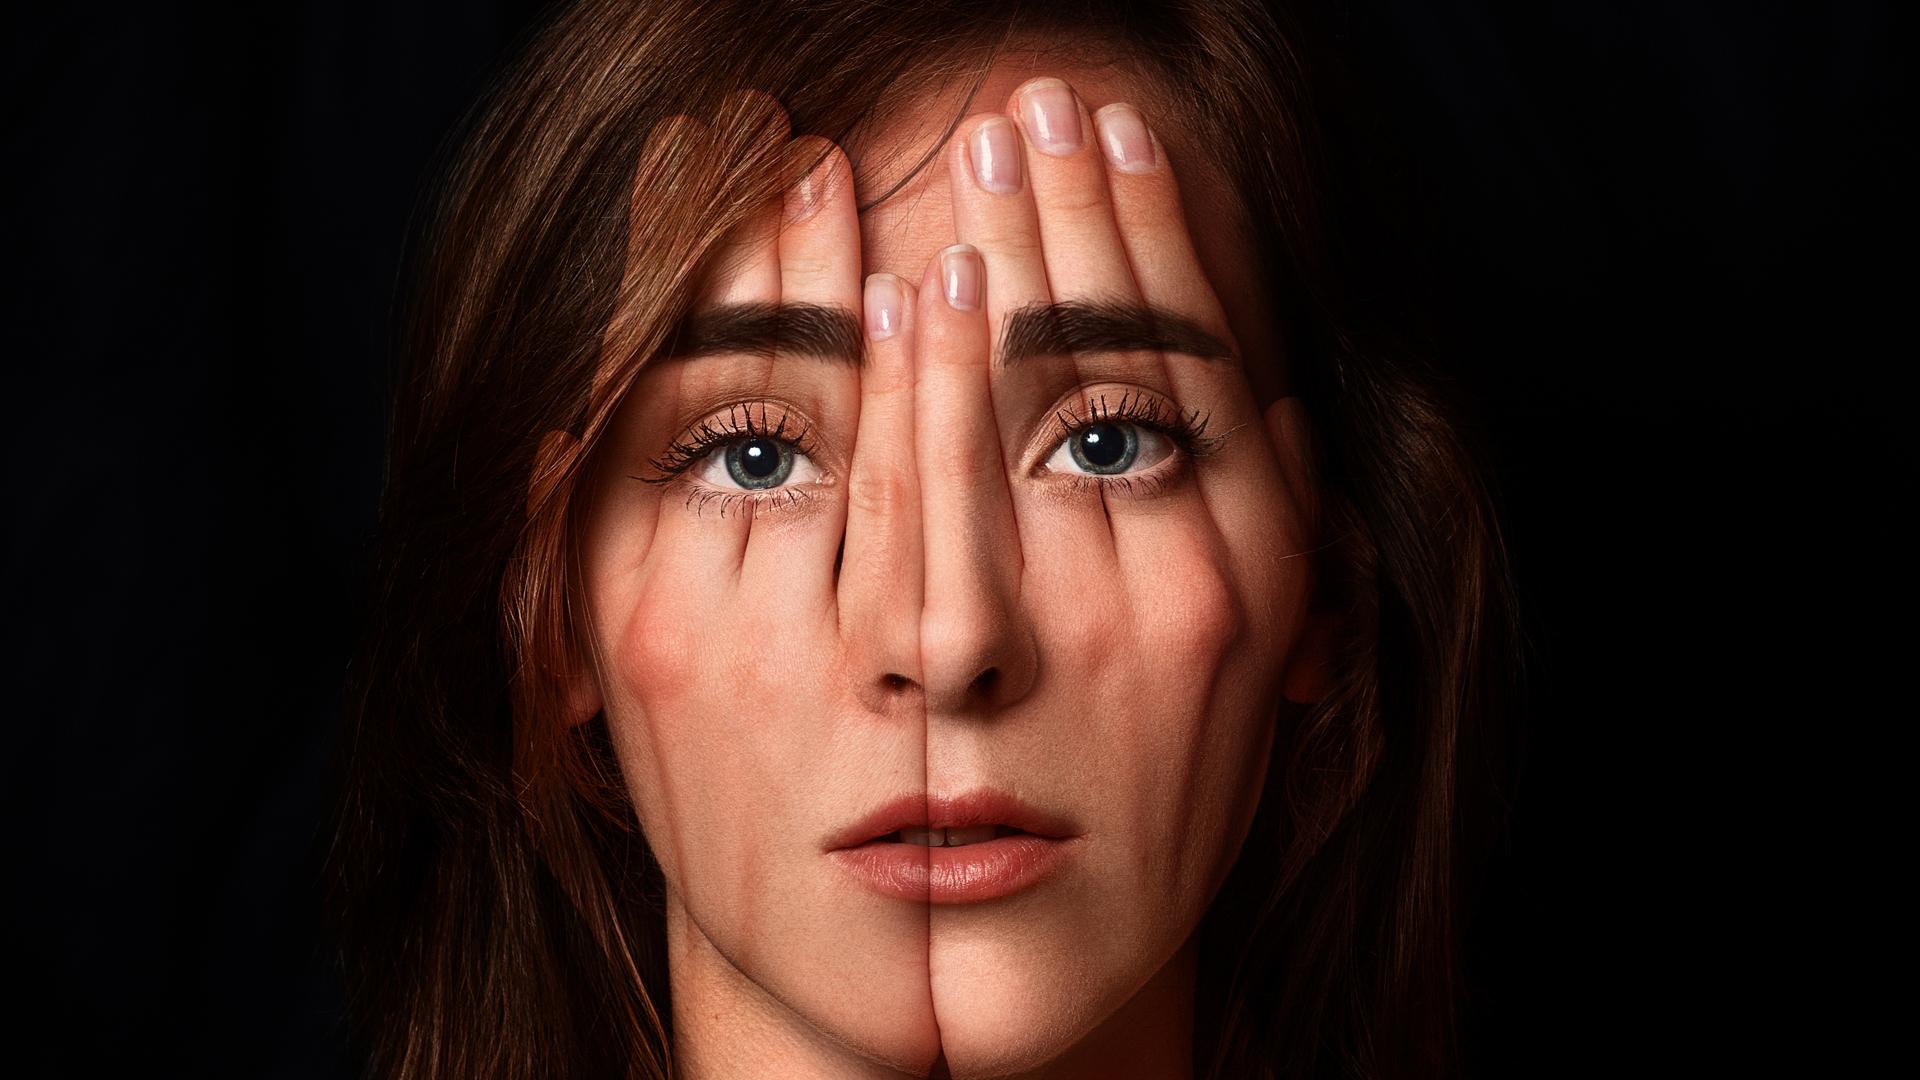 La visión ciega, es un fenómeno que muy rara vez se encuentra (Istock)